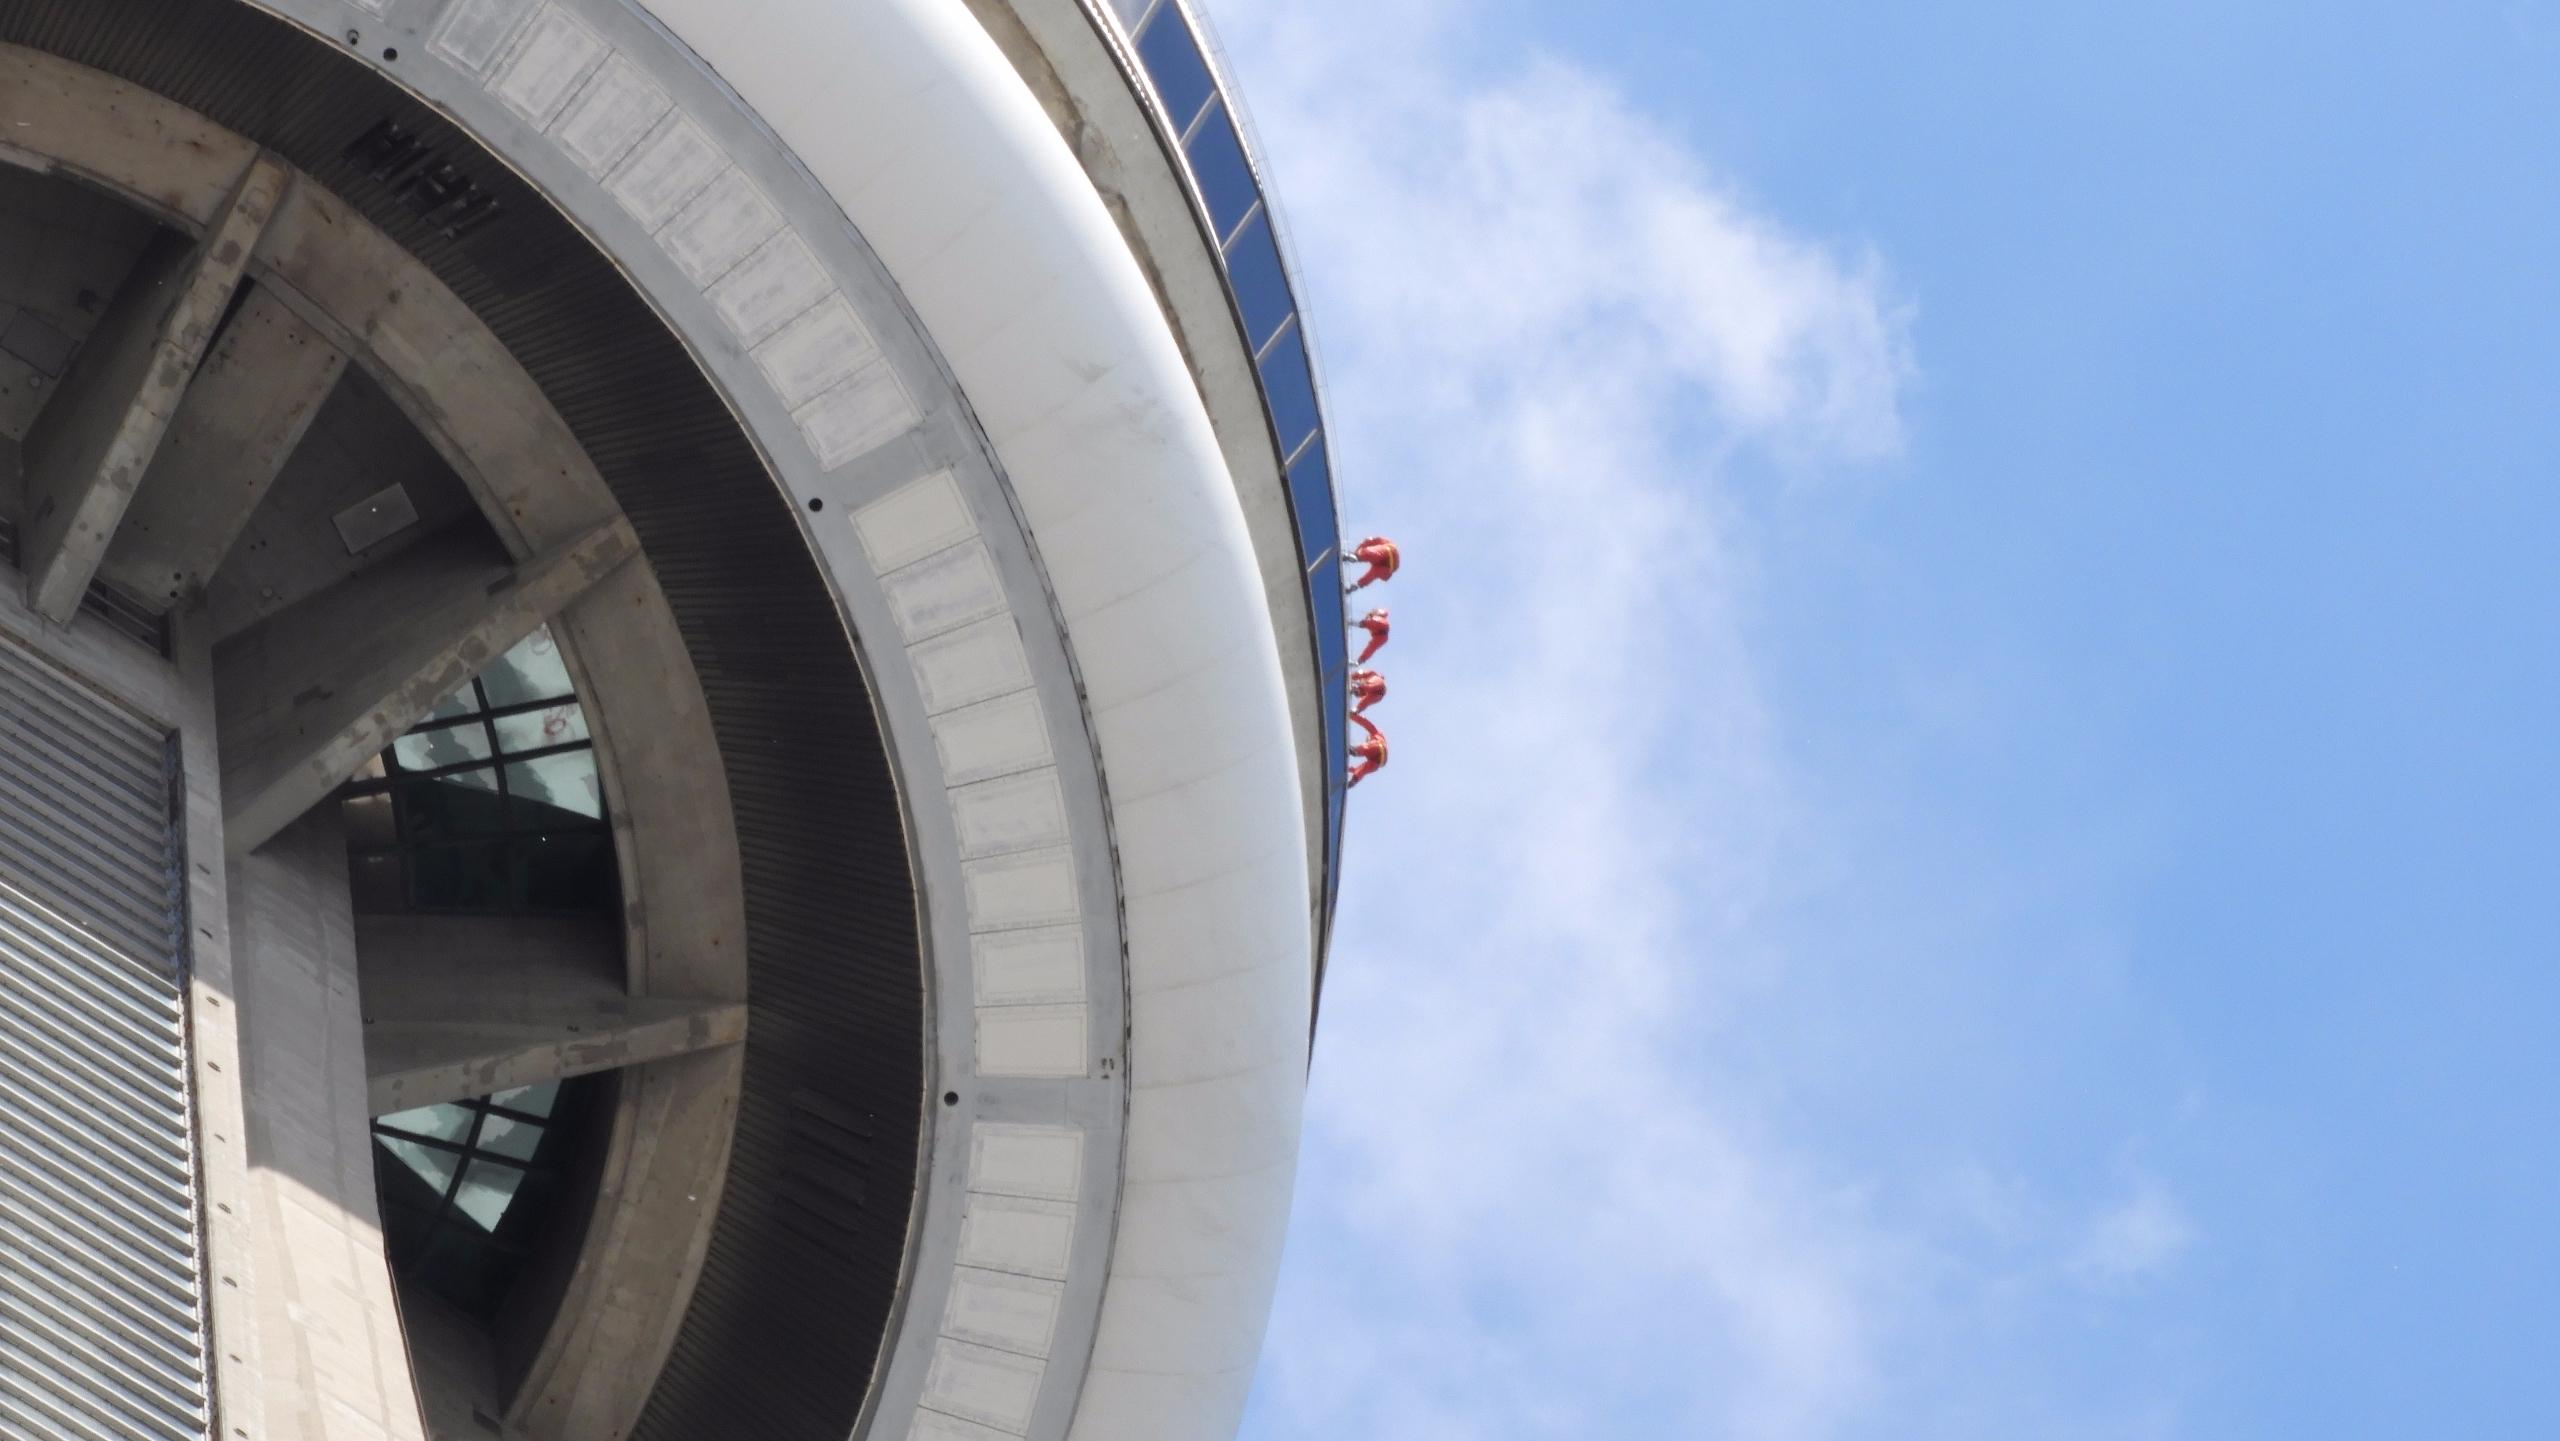 LA TOUR CN TOWER - 8 photos cle - koutayba | ello